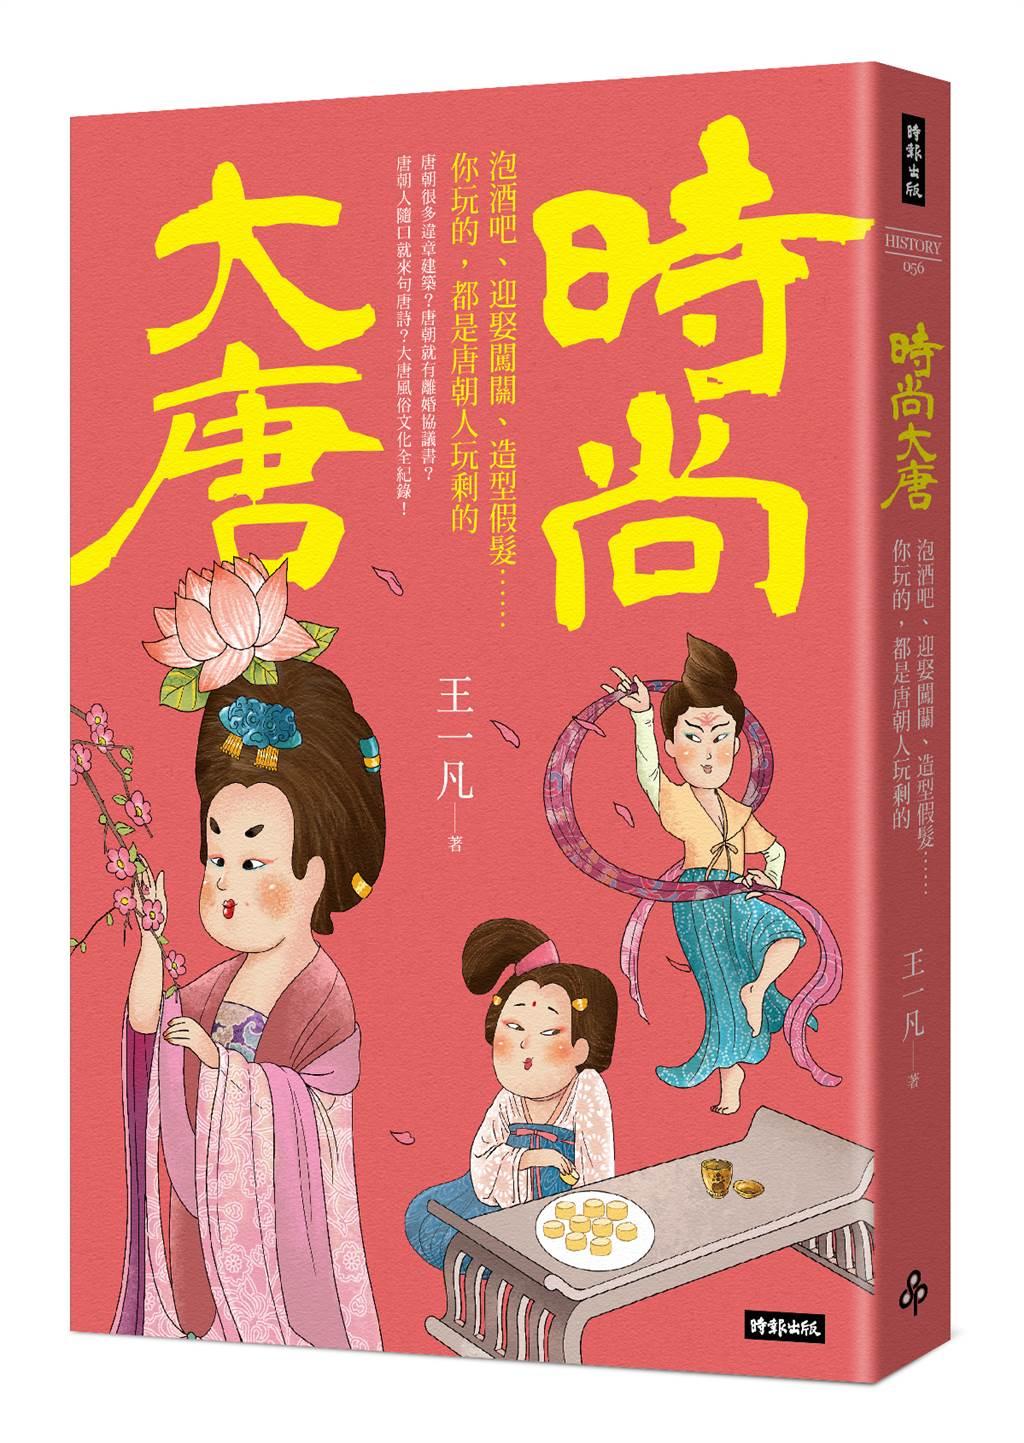 《時尚大唐》/時報出版